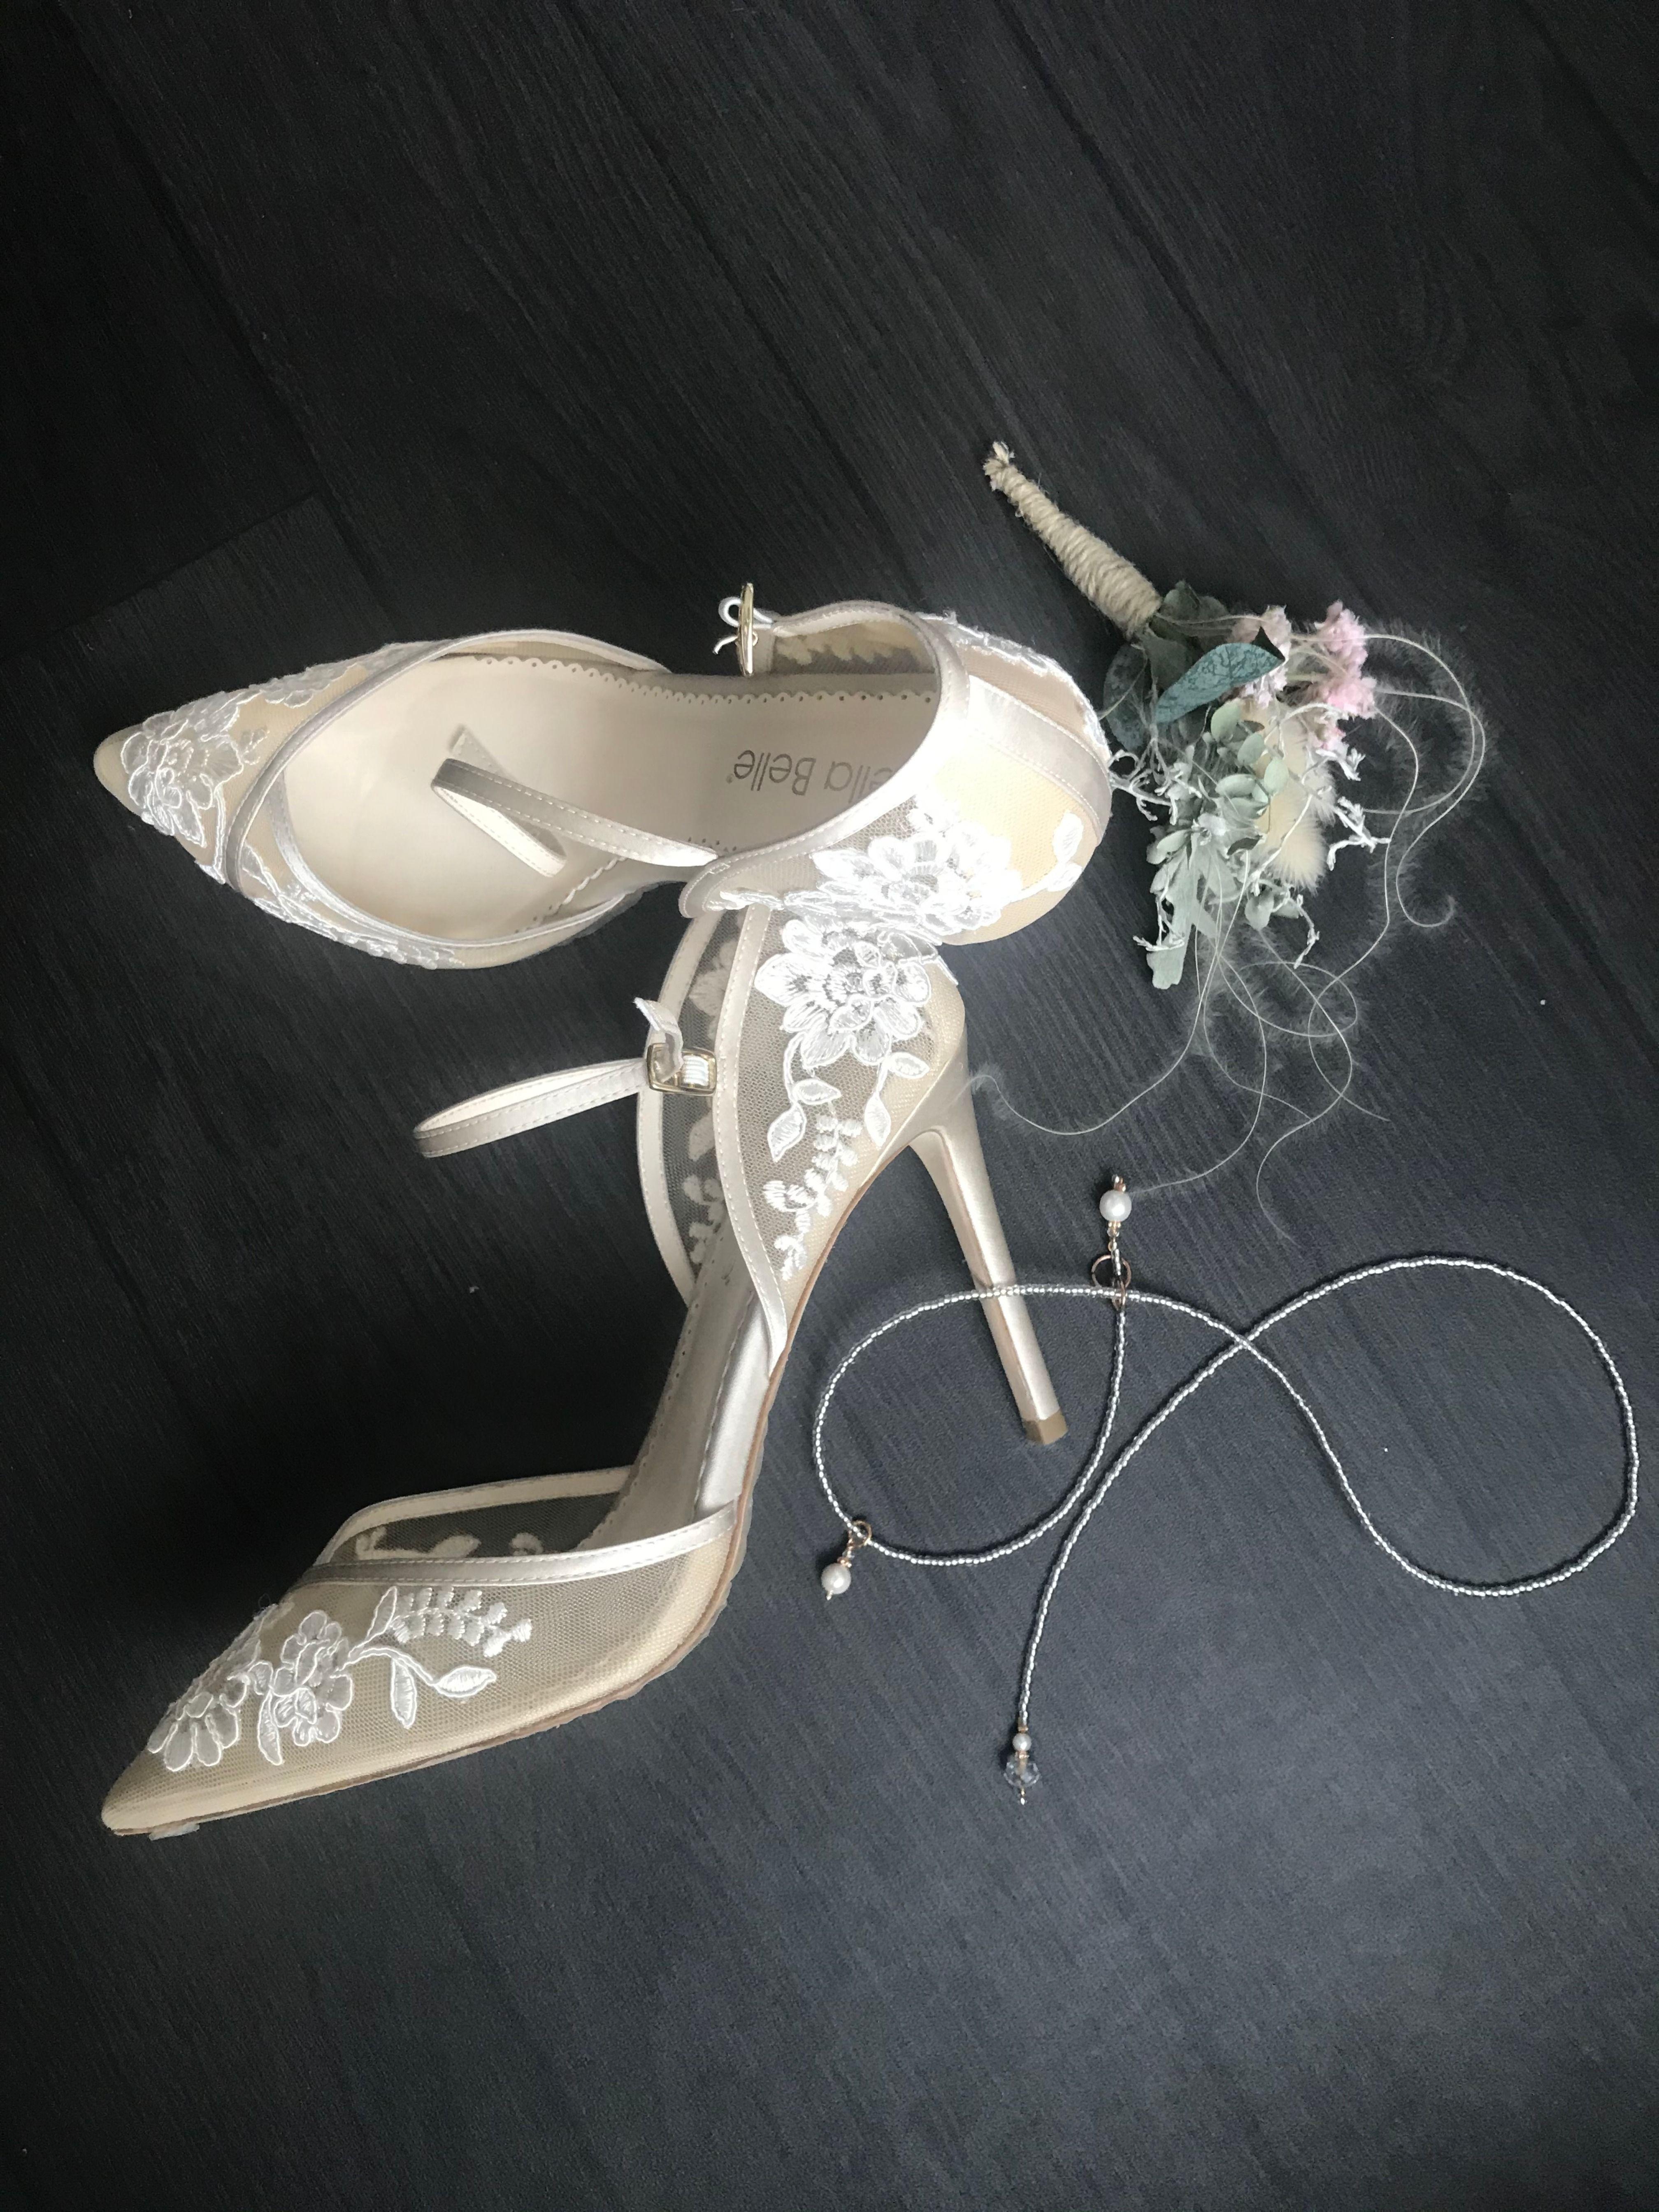 Brautschuh mit schöner spitze perfekt für den schönsten Tag